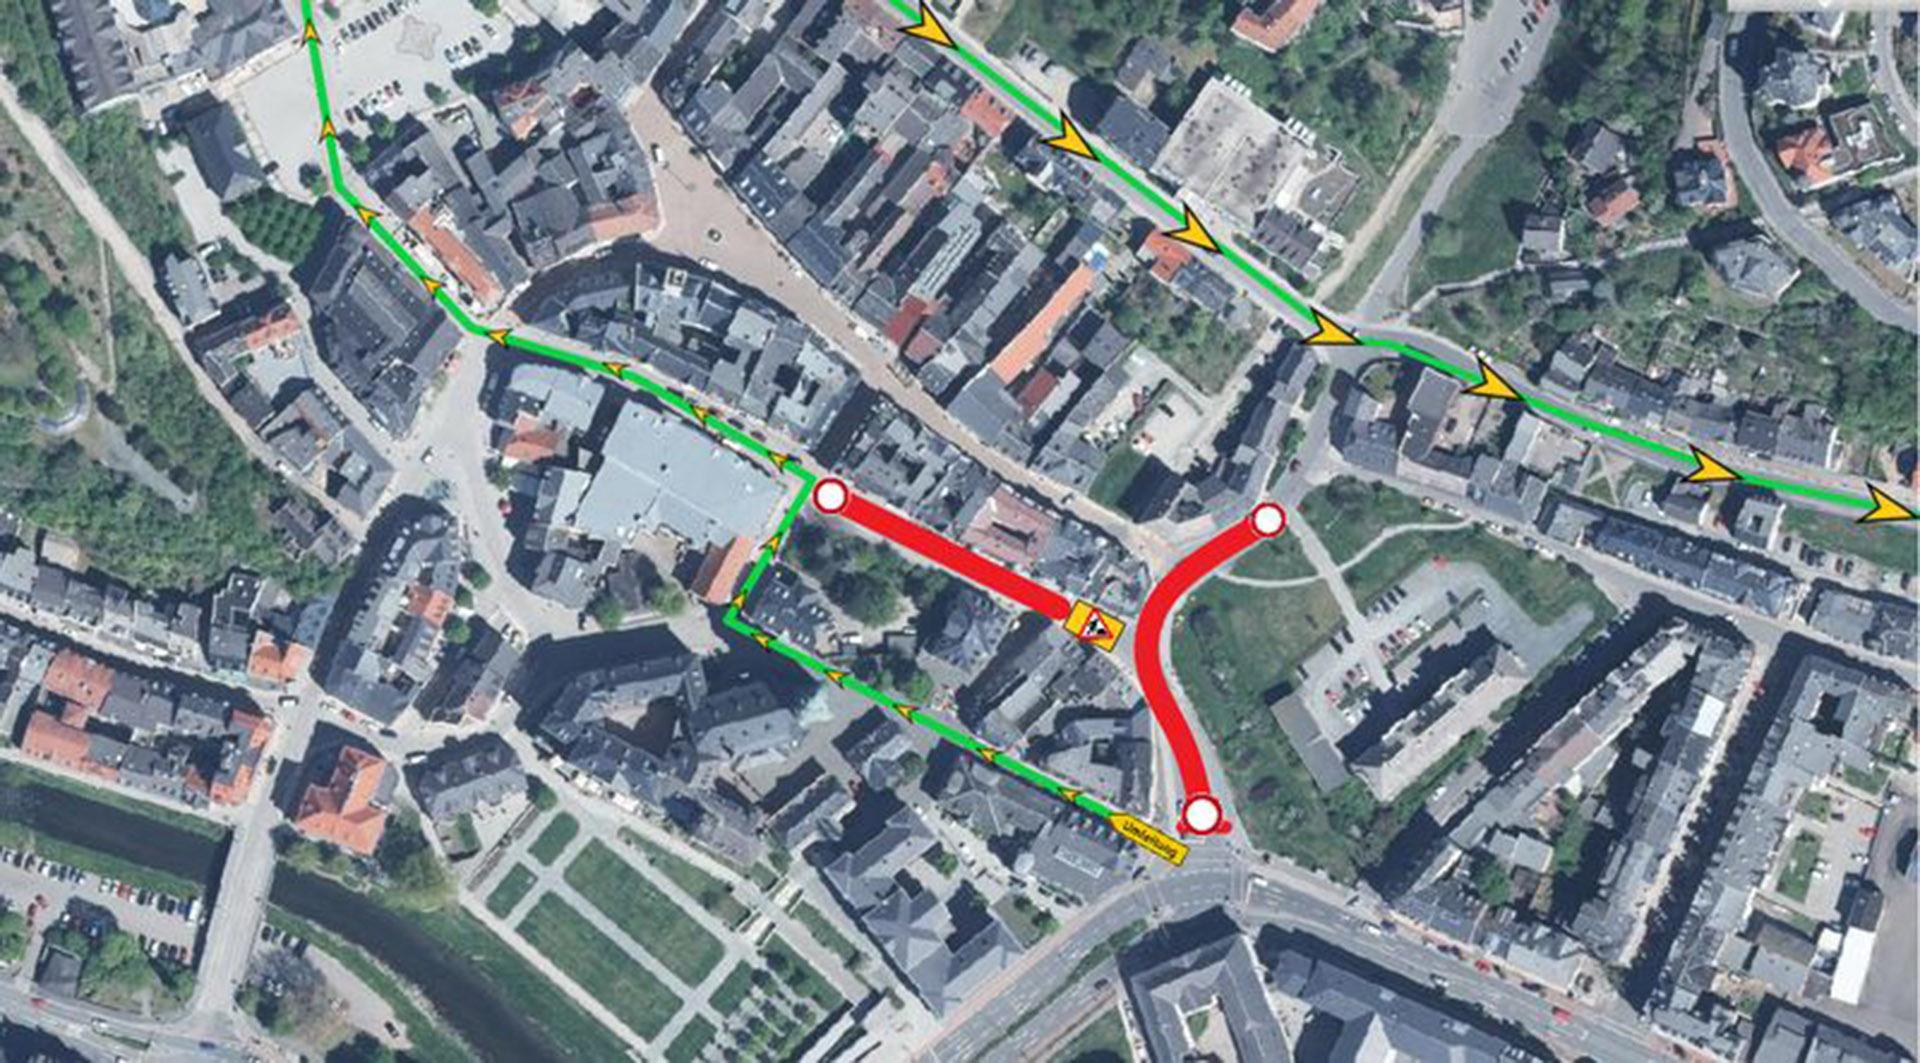 Aufgrund Straßenerneuerung ist die Thomasstraße, sowie die Marstallstraße vom 10.10.2019 bis 13.10.2019 gesperrt.